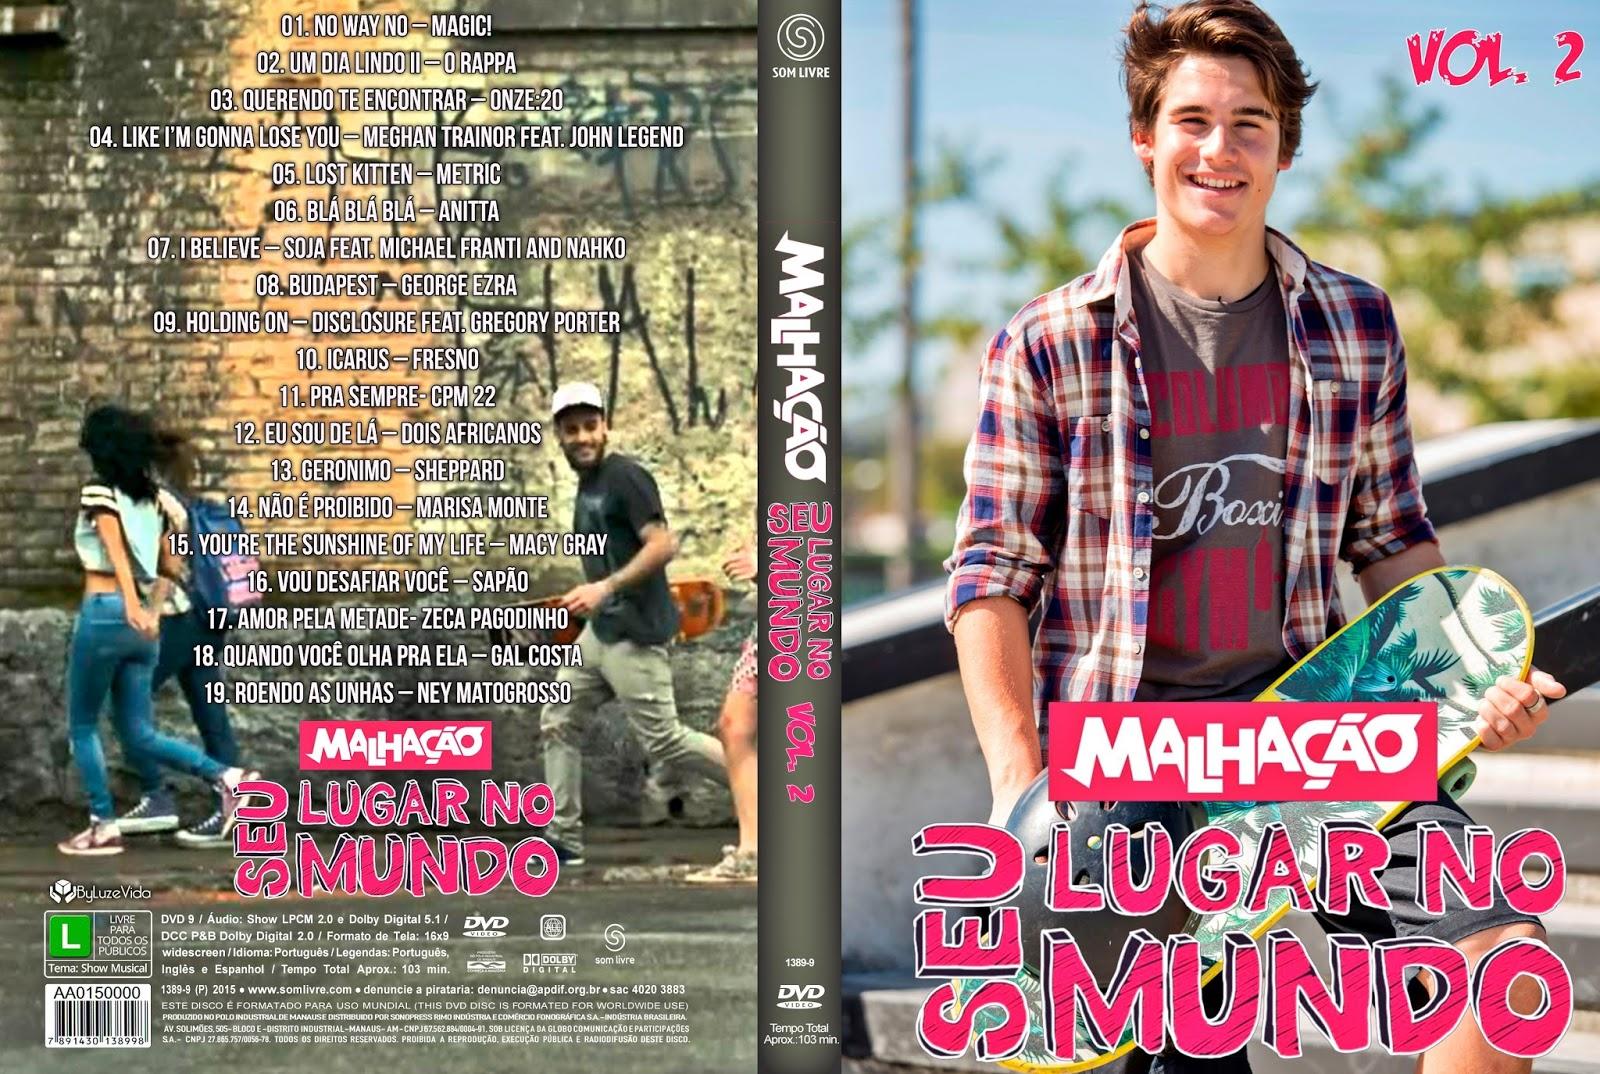 Malhação Seu Lugar No Mundo Vol. 2 DVDRip + DVD-R Malha 25C3 25A7 25C3 25A3o 2BSeu 2BLugar 2BNo 2BMundo 2BVol